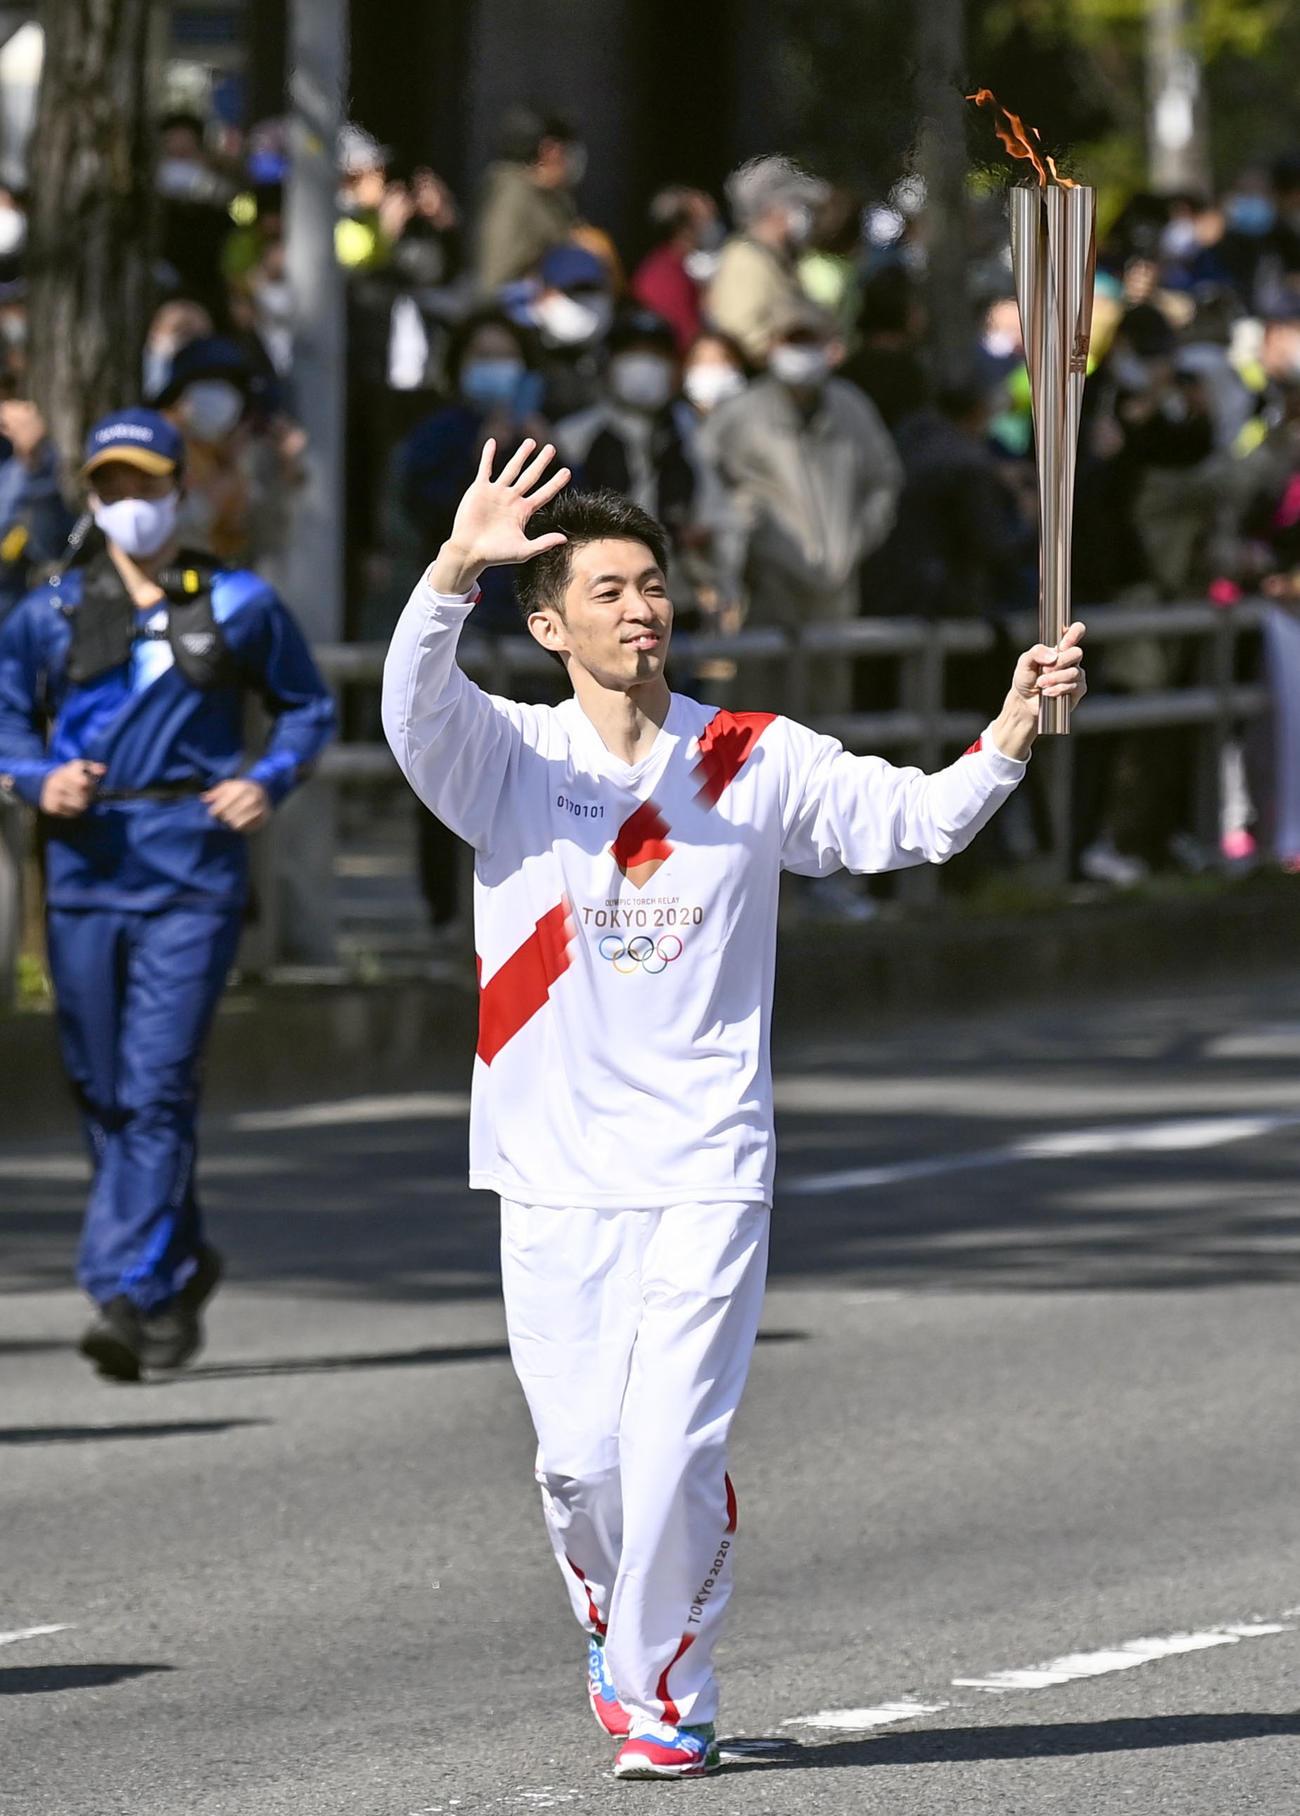 聖火のトーチを掲げて走る田中和仁さん(共同)